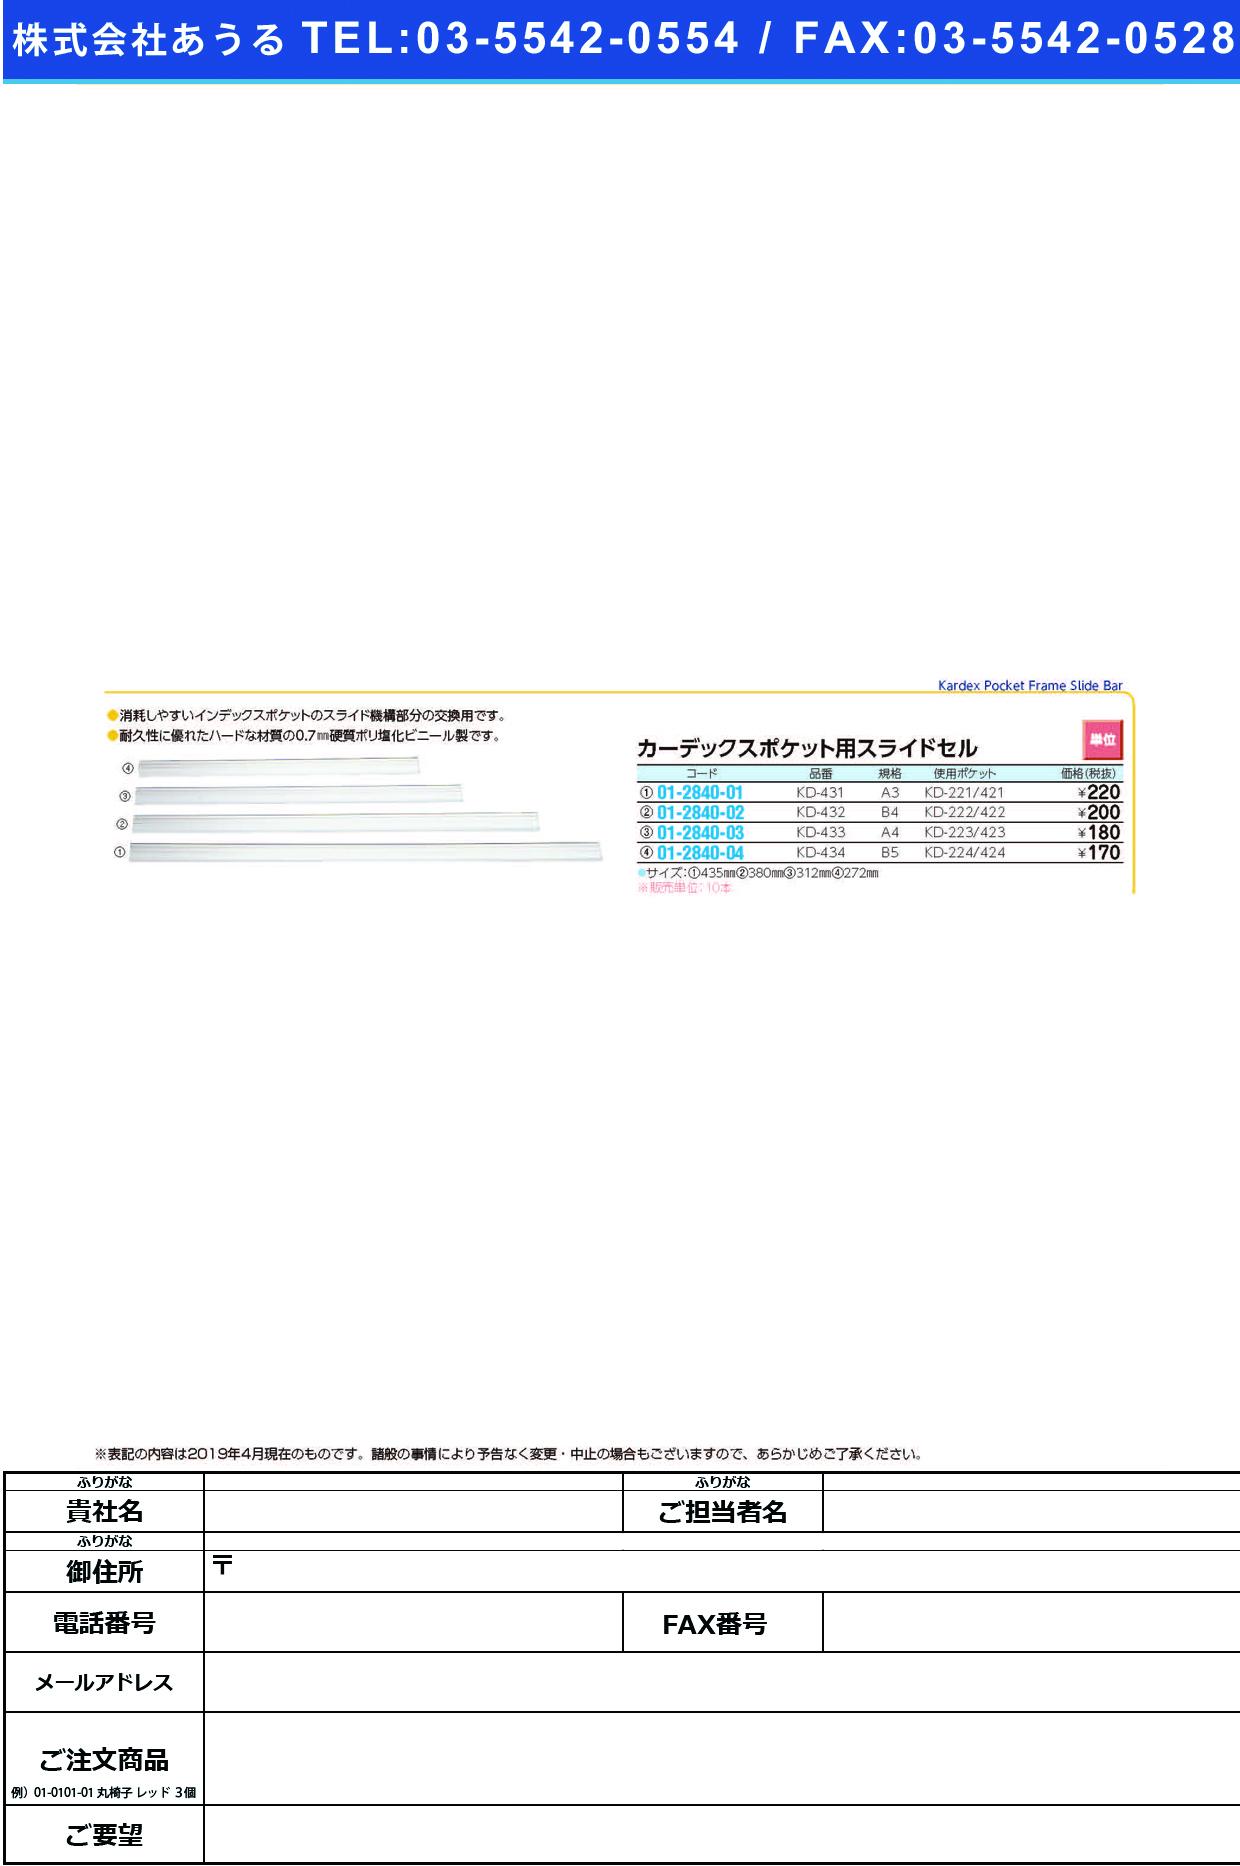 (01-2840-03)スライドセル(A4) KD-433 KD433(ケルン)【10枚単位】【2019年カタログ商品】